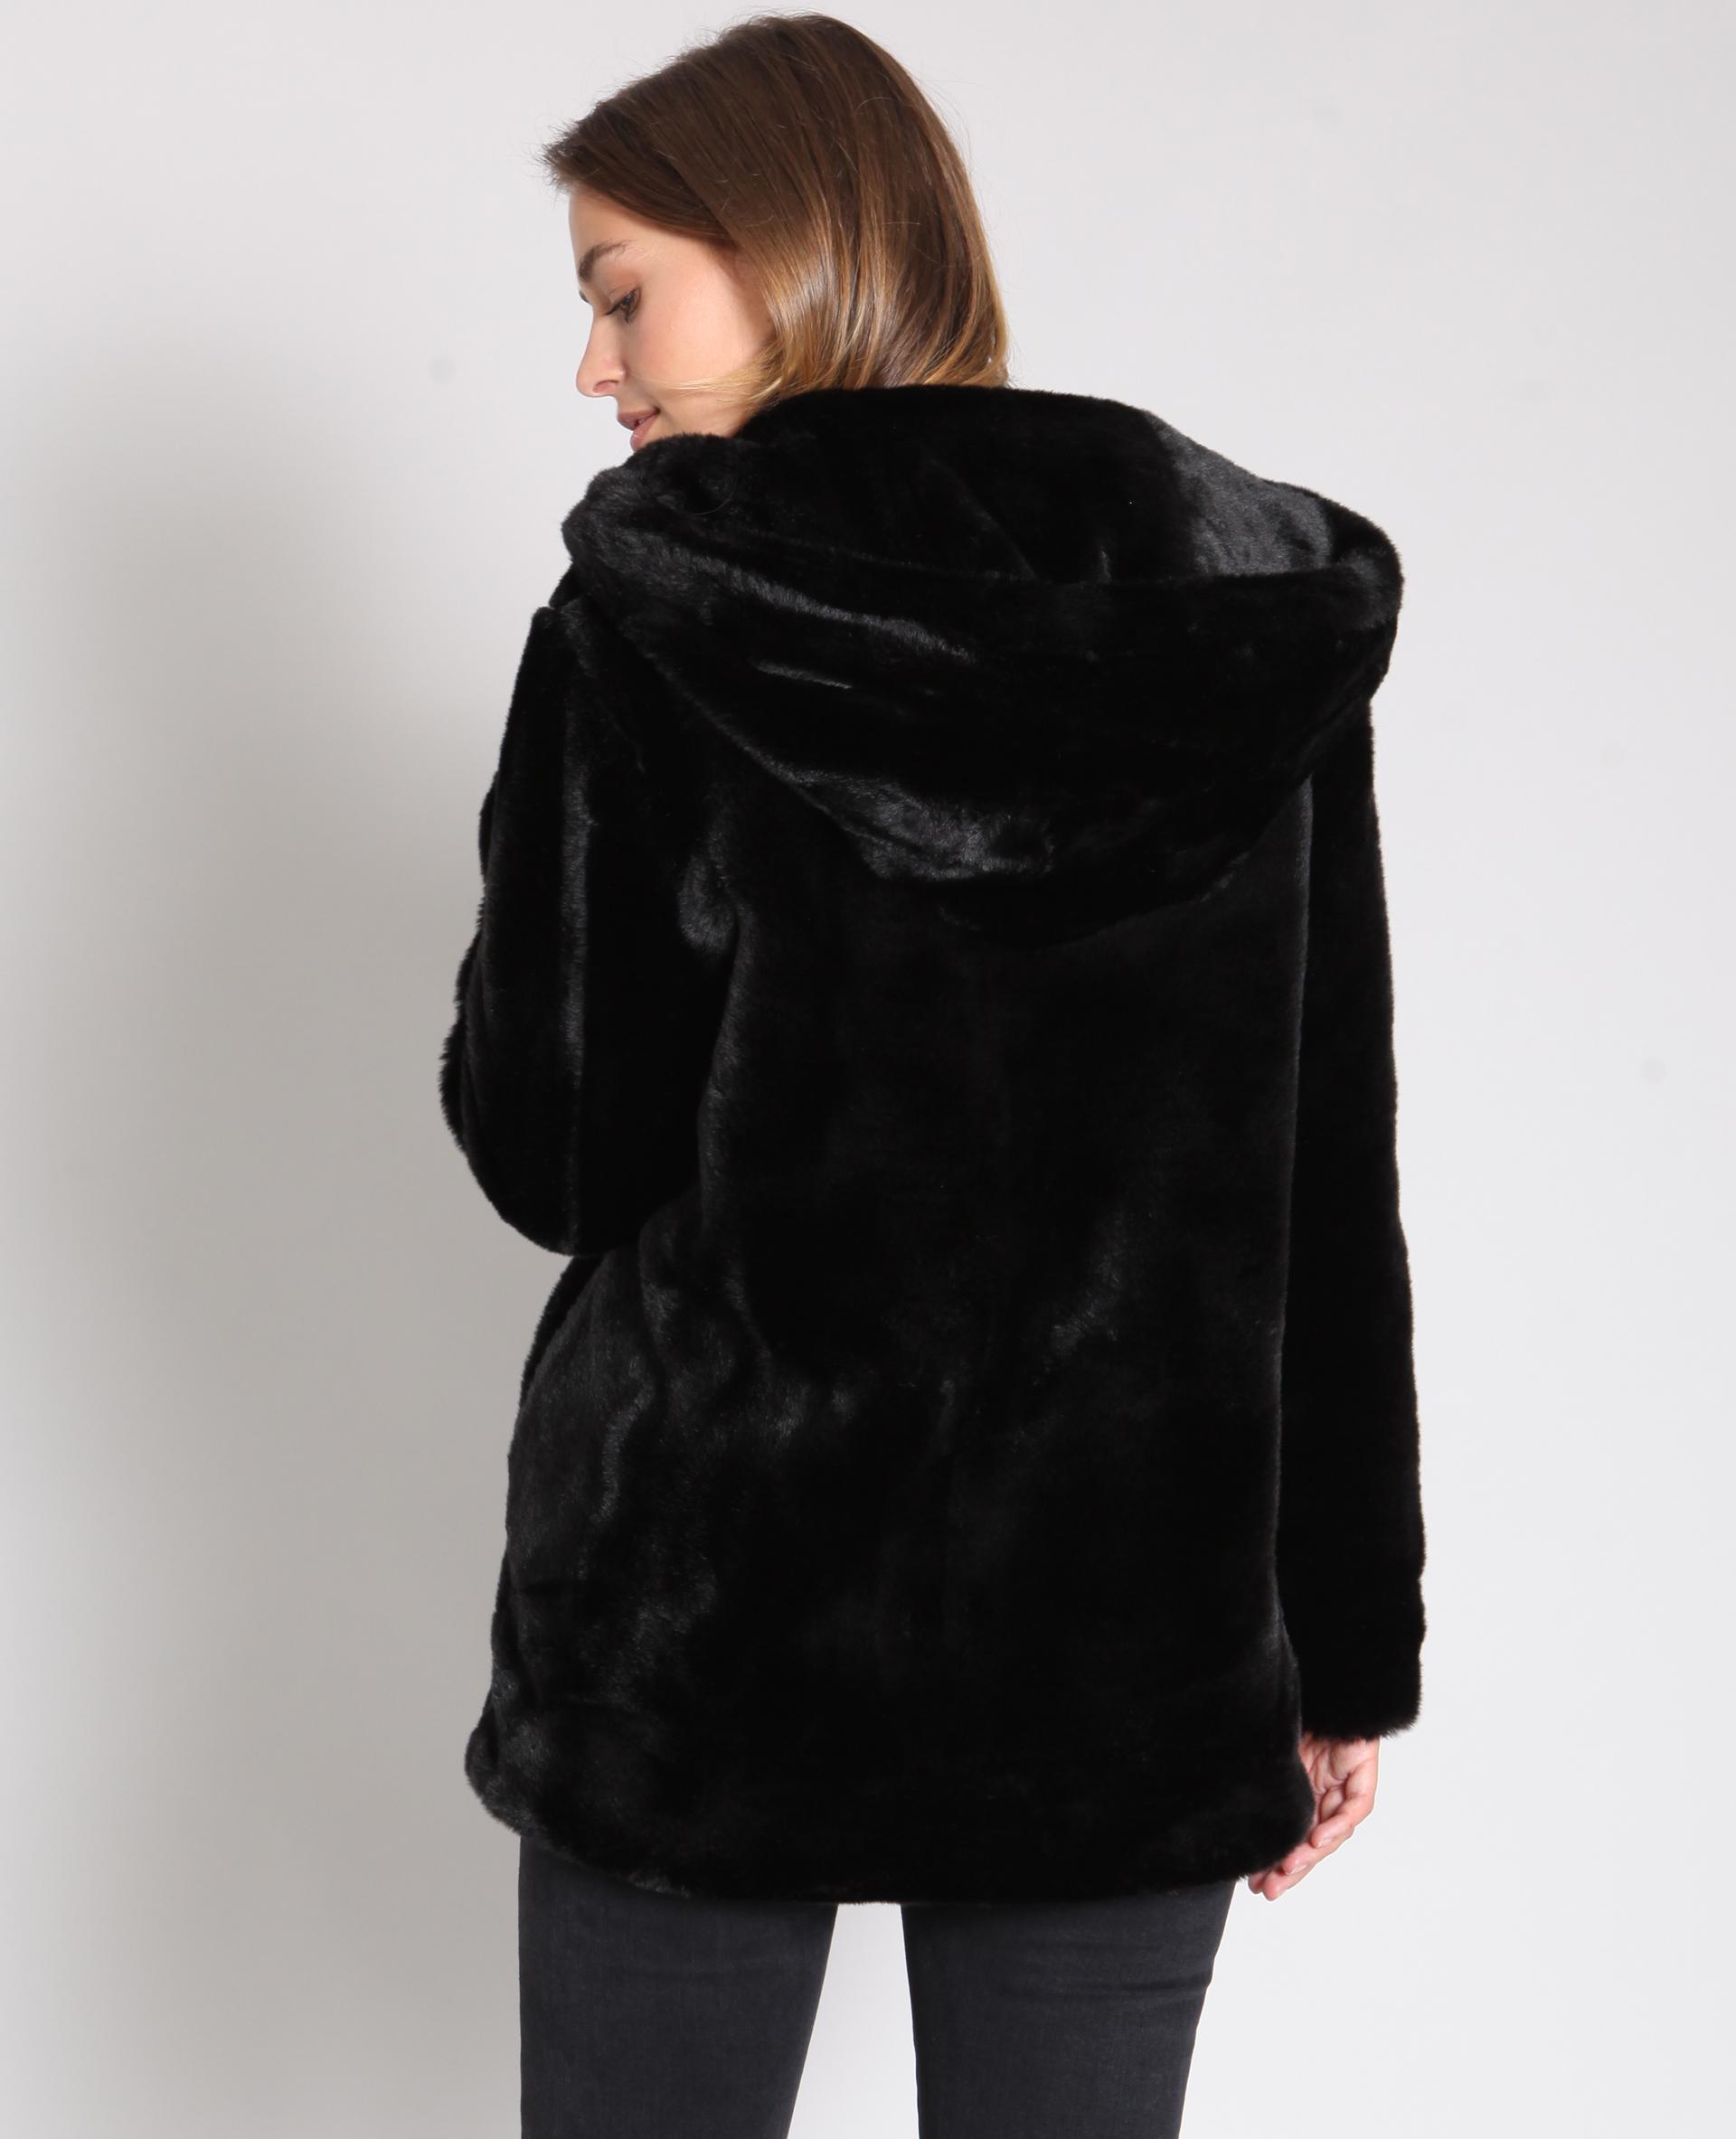 veste en fausse fourrure noir 280190899a08 pimkie. Black Bedroom Furniture Sets. Home Design Ideas